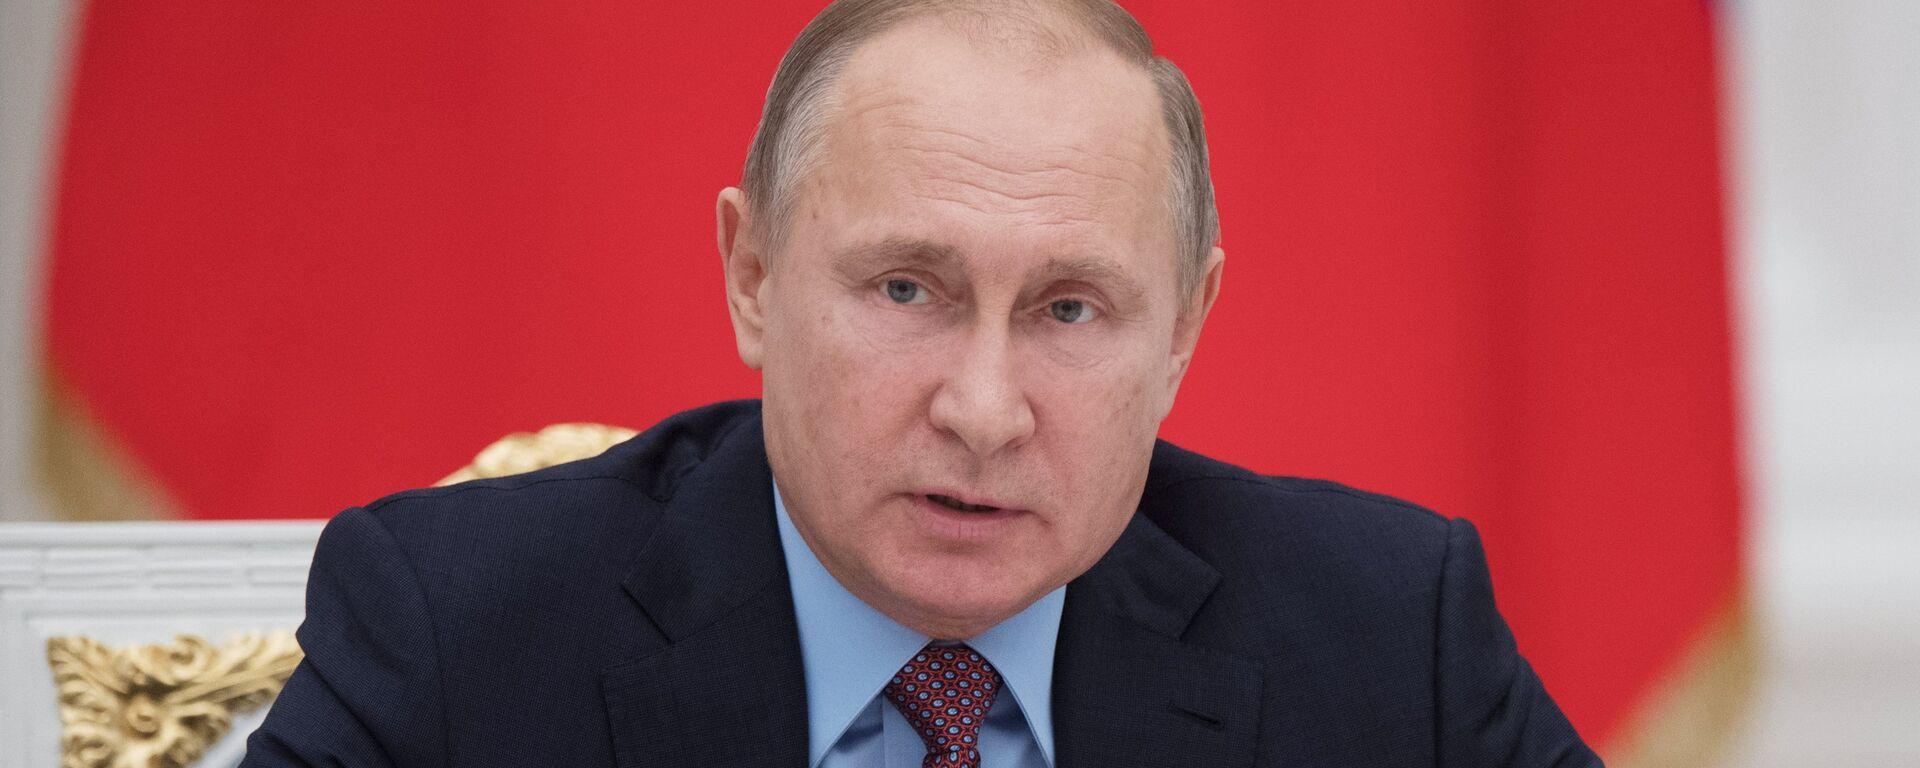 Руски председник Владимир Путин - Sputnik Србија, 1920, 01.03.2020